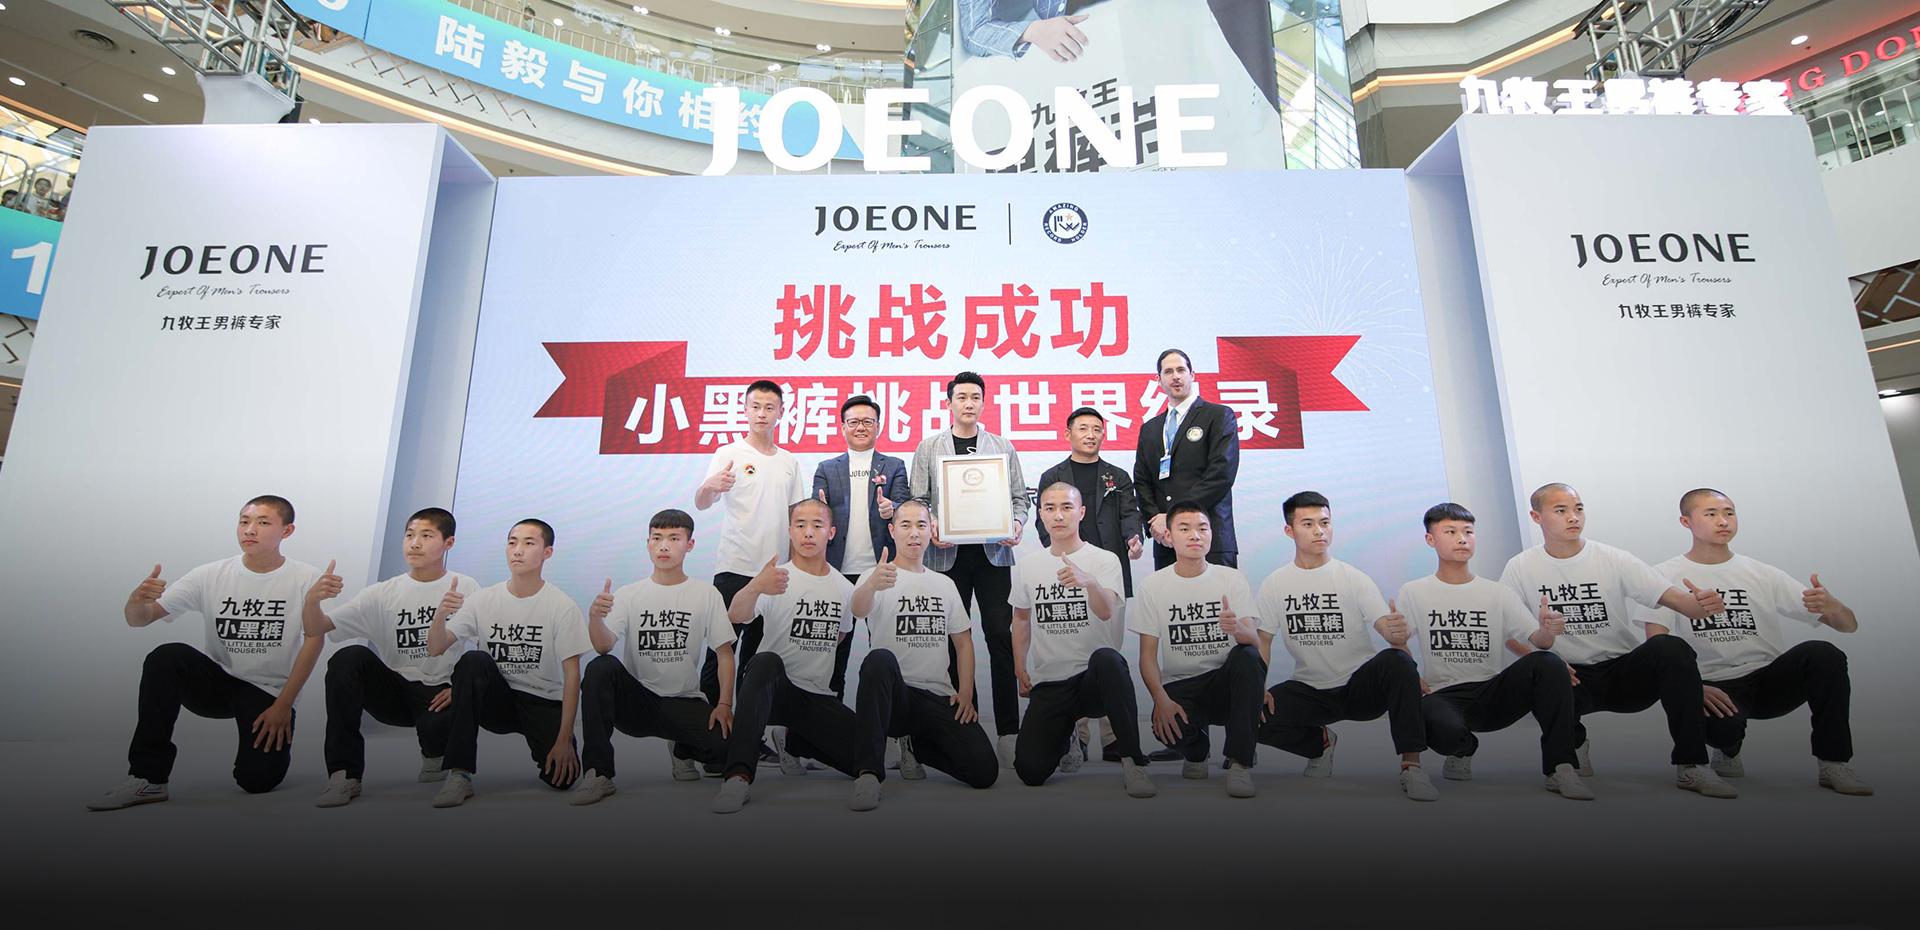 九牧王小黑裤挑战世界纪录